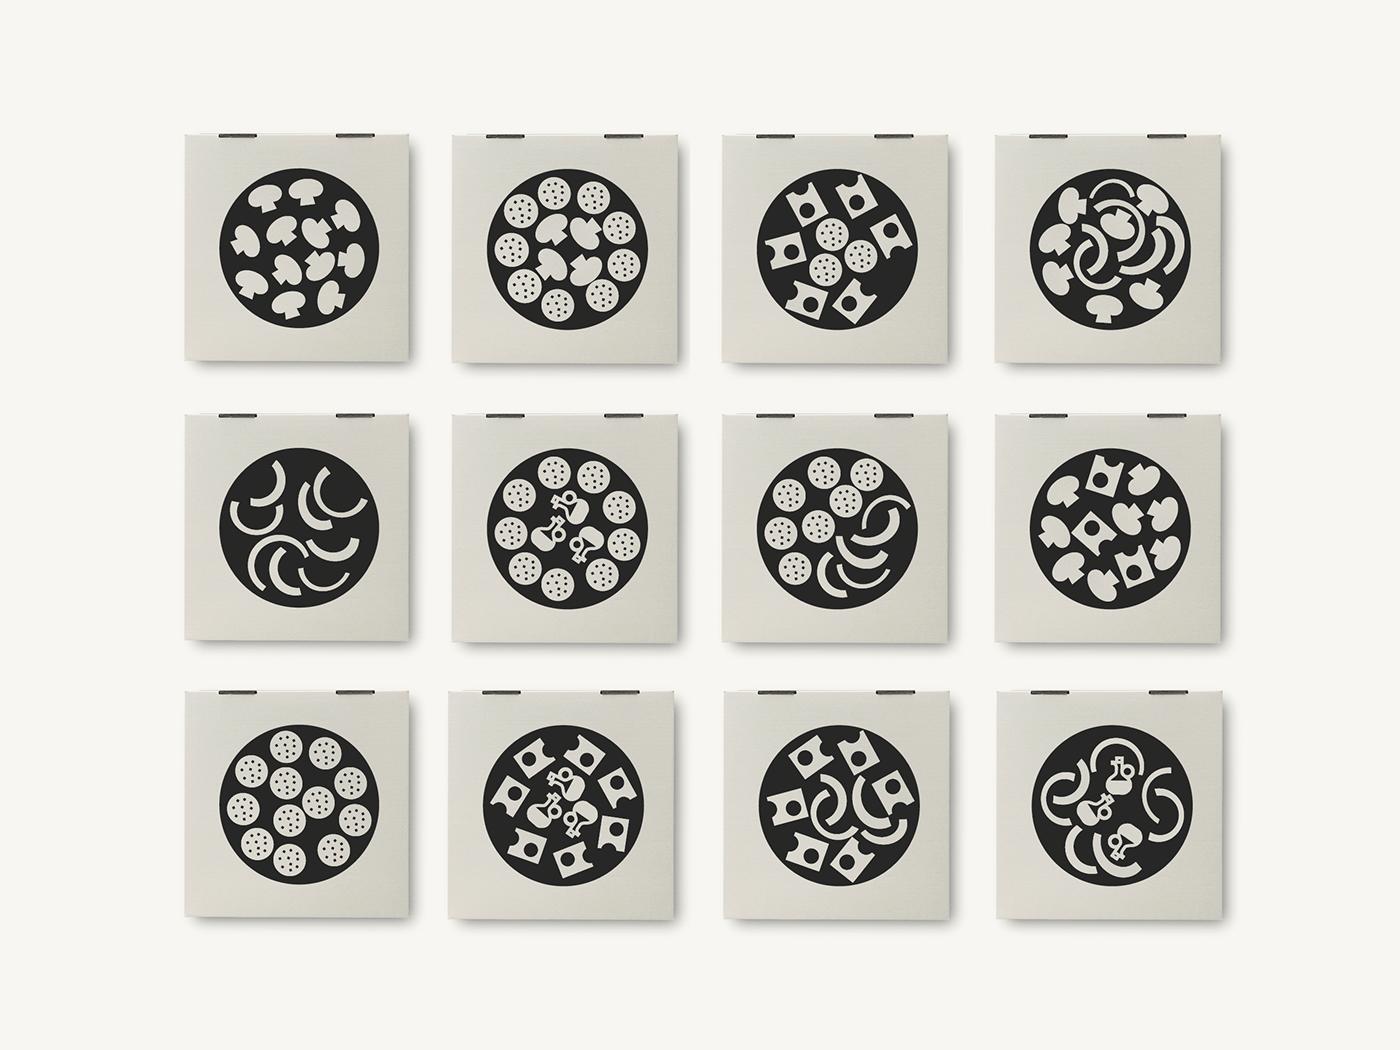 Food  package Packaging packagingdesign Pizza